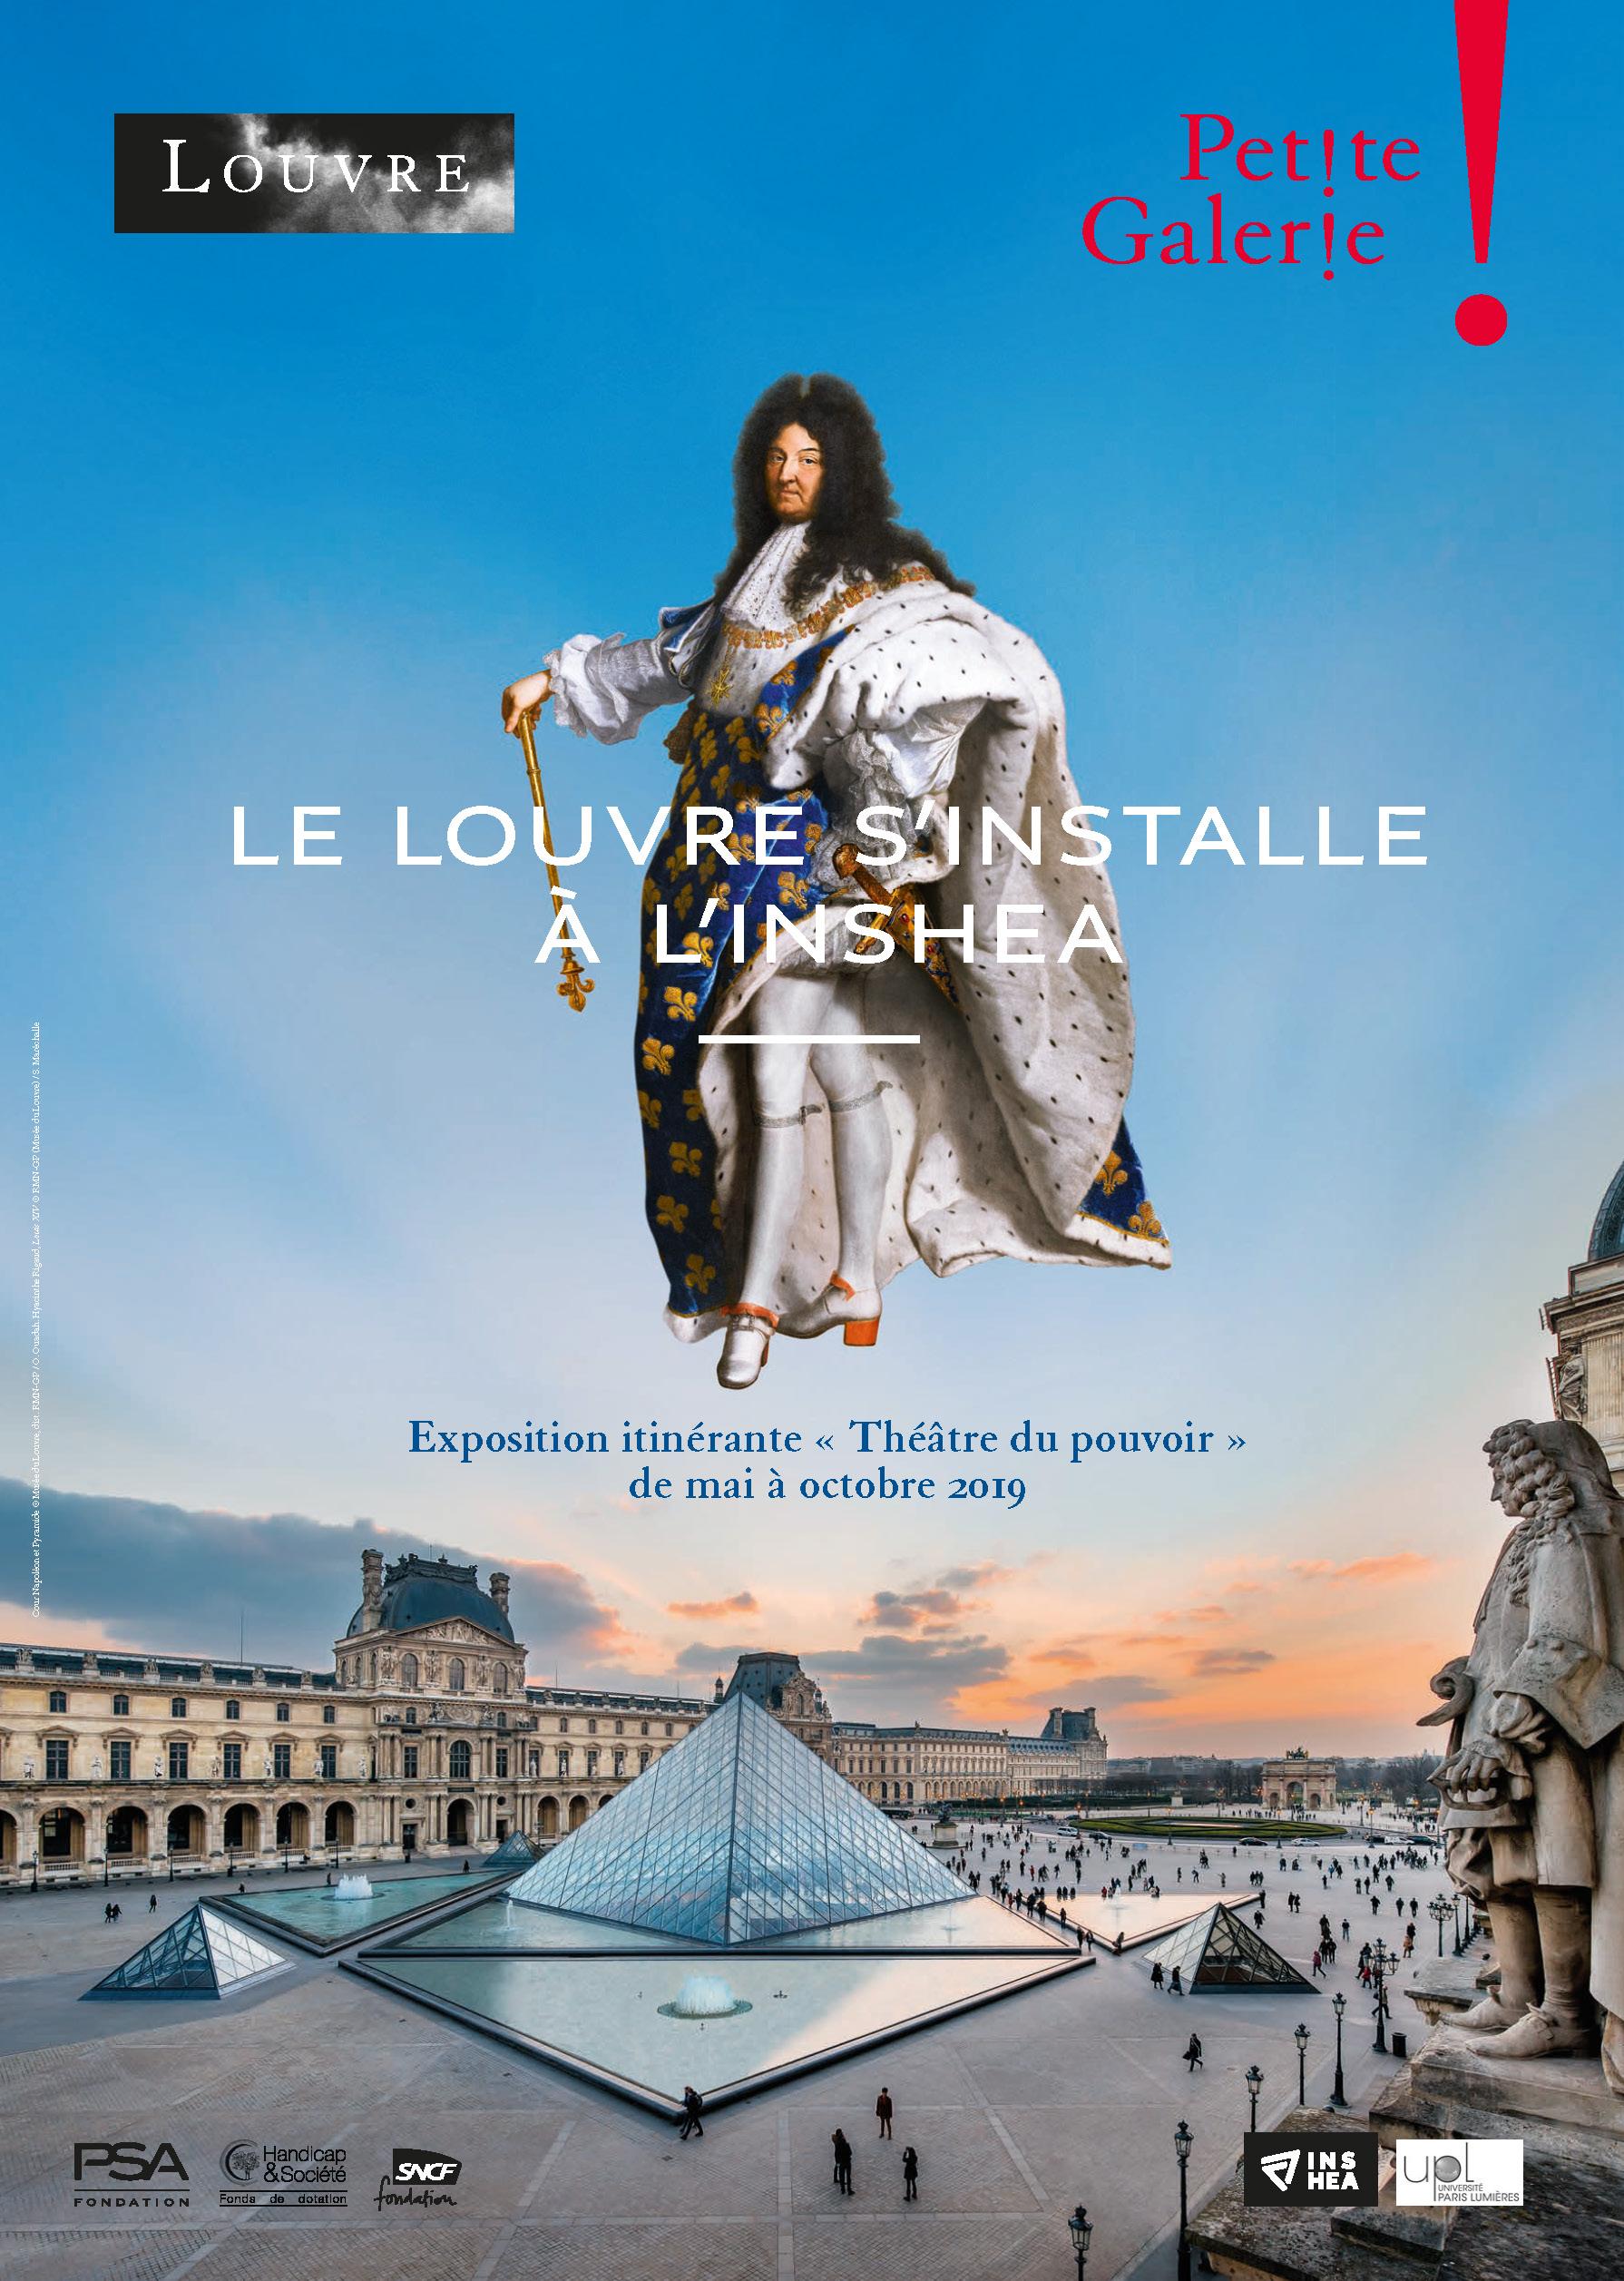 Le Louvre à l'INSHEA, affiche.